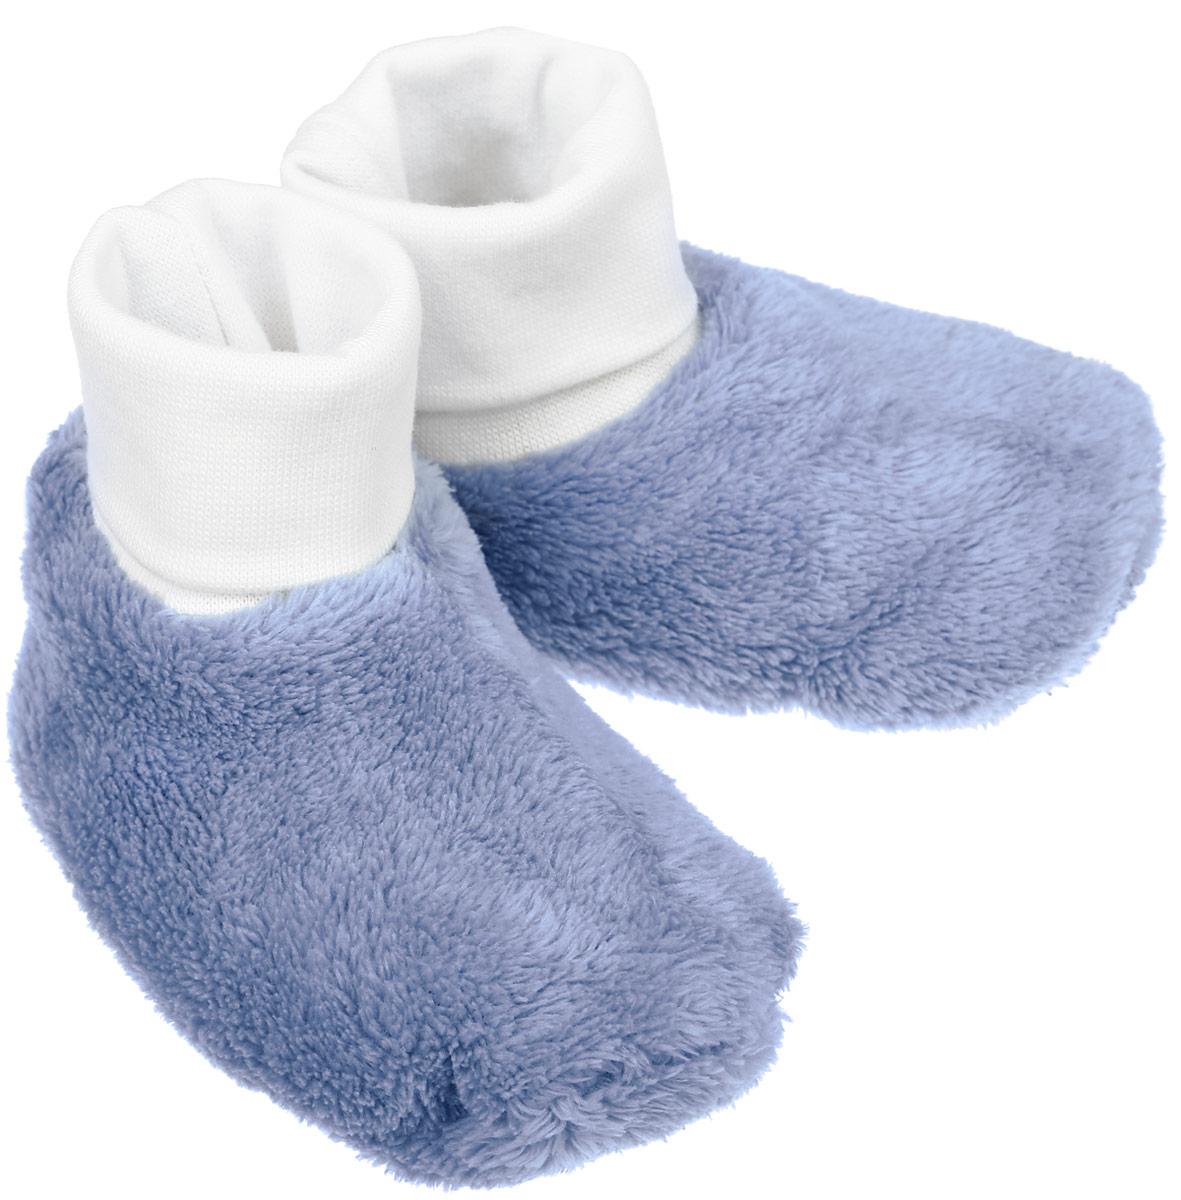 Пинетки детские Reima Levana, цвет: голубой. 517118-6770. Размер 1517118-6770Теплые пинетки Reima Levana идеально подойдут для маленьких ножек вашего малыша. Изделие изготовлено из высококачественного полиэстера, отлично удерживает тепло и пропускает воздух, обеспечивая комфорт.Крошечным ножкам очень понравятся эти меховые пинетки! Мягкая хлопчатобумажная подкладка с эластаном очень приятна для тела, а длинная подворачивающаяся резинка удержит пинетки на ножке и гарантирует оптимальную посадку. Эти пинетки очень легко надеваются!Такие пинетки - отличное решение для малышей и их родителей!